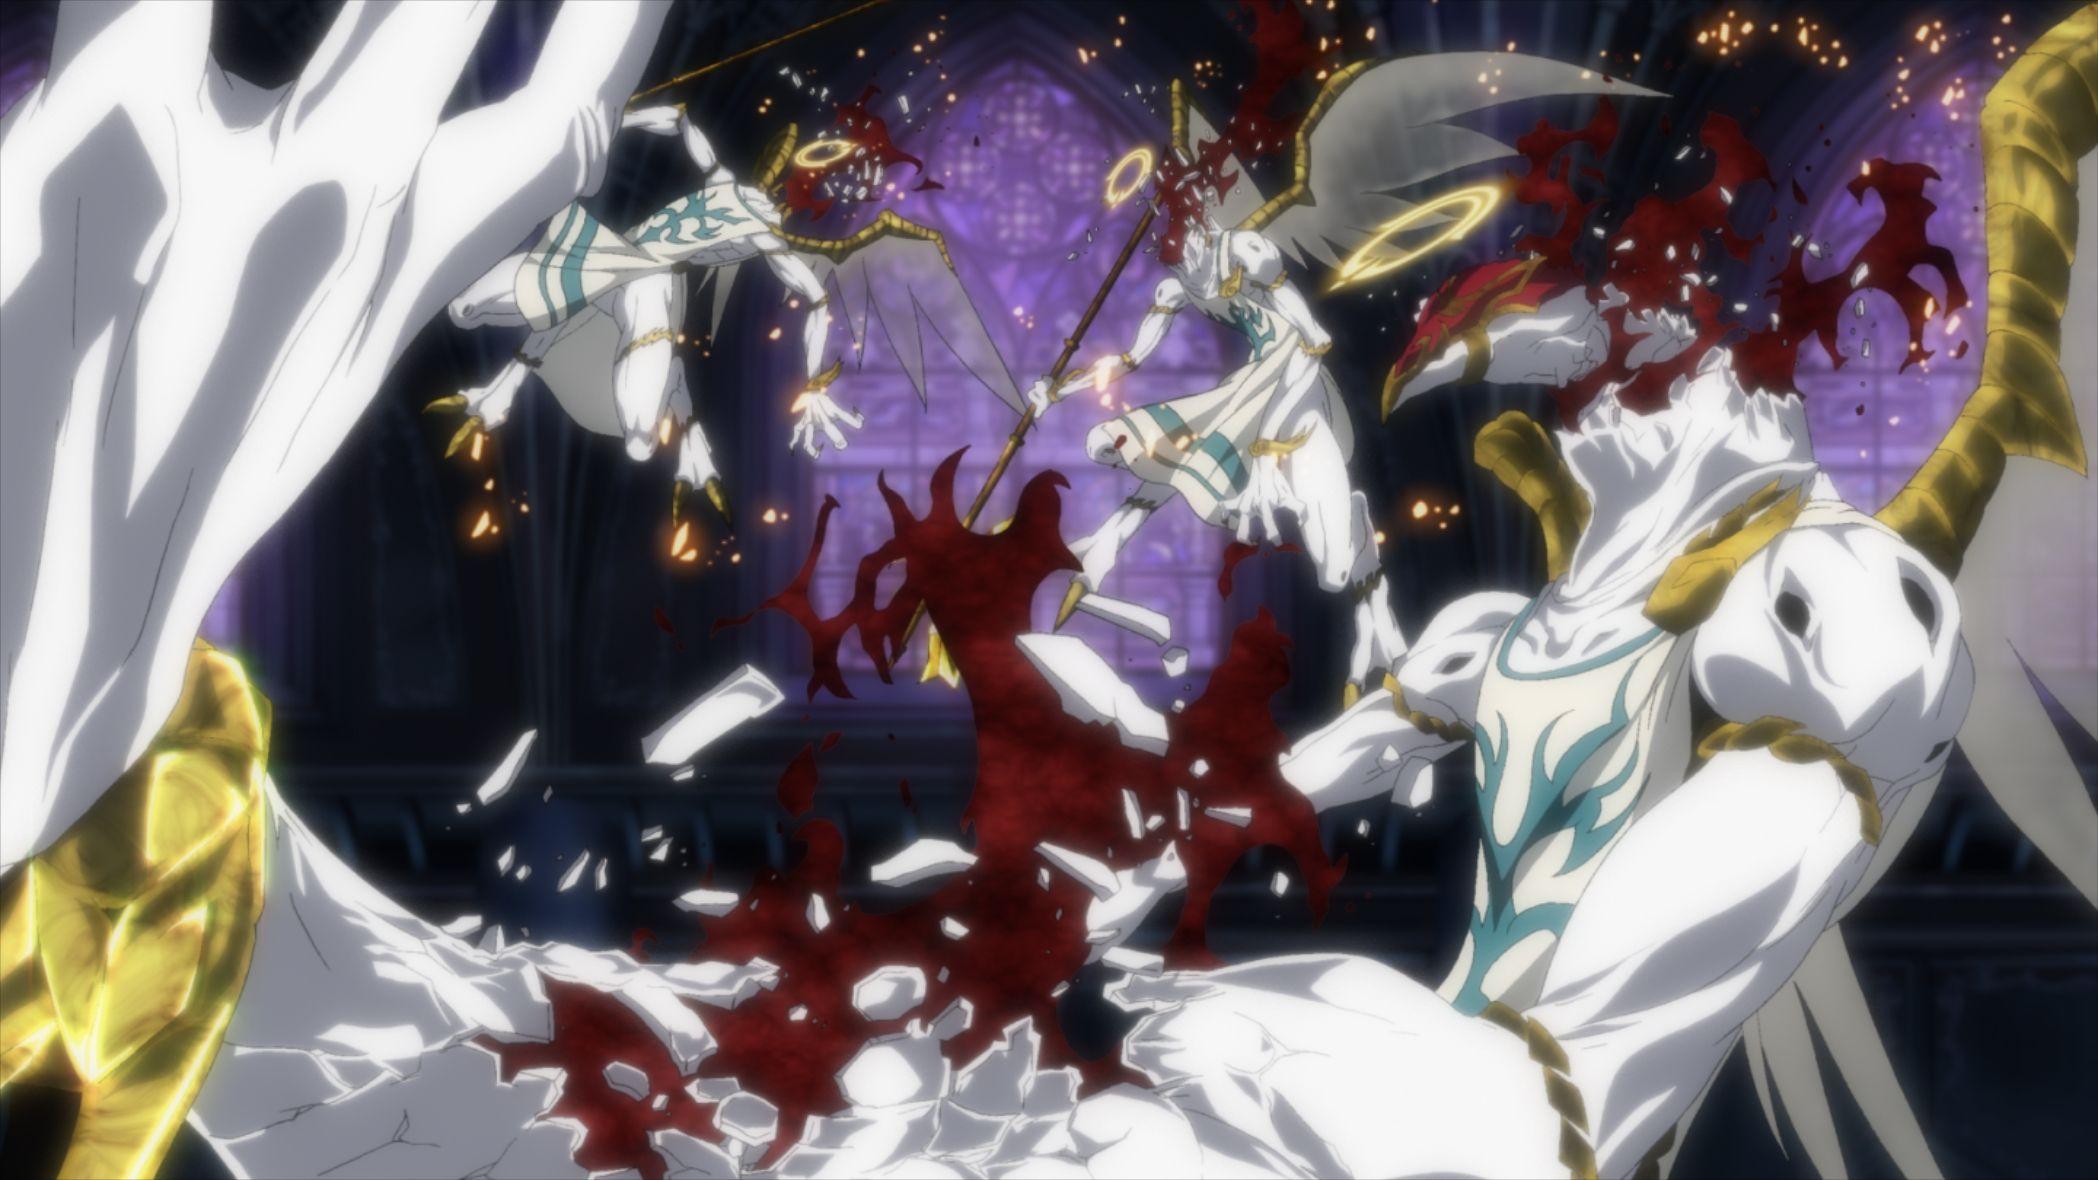 Bayonetta_Bloody_Fate_Szenenbilder_01.72dpi